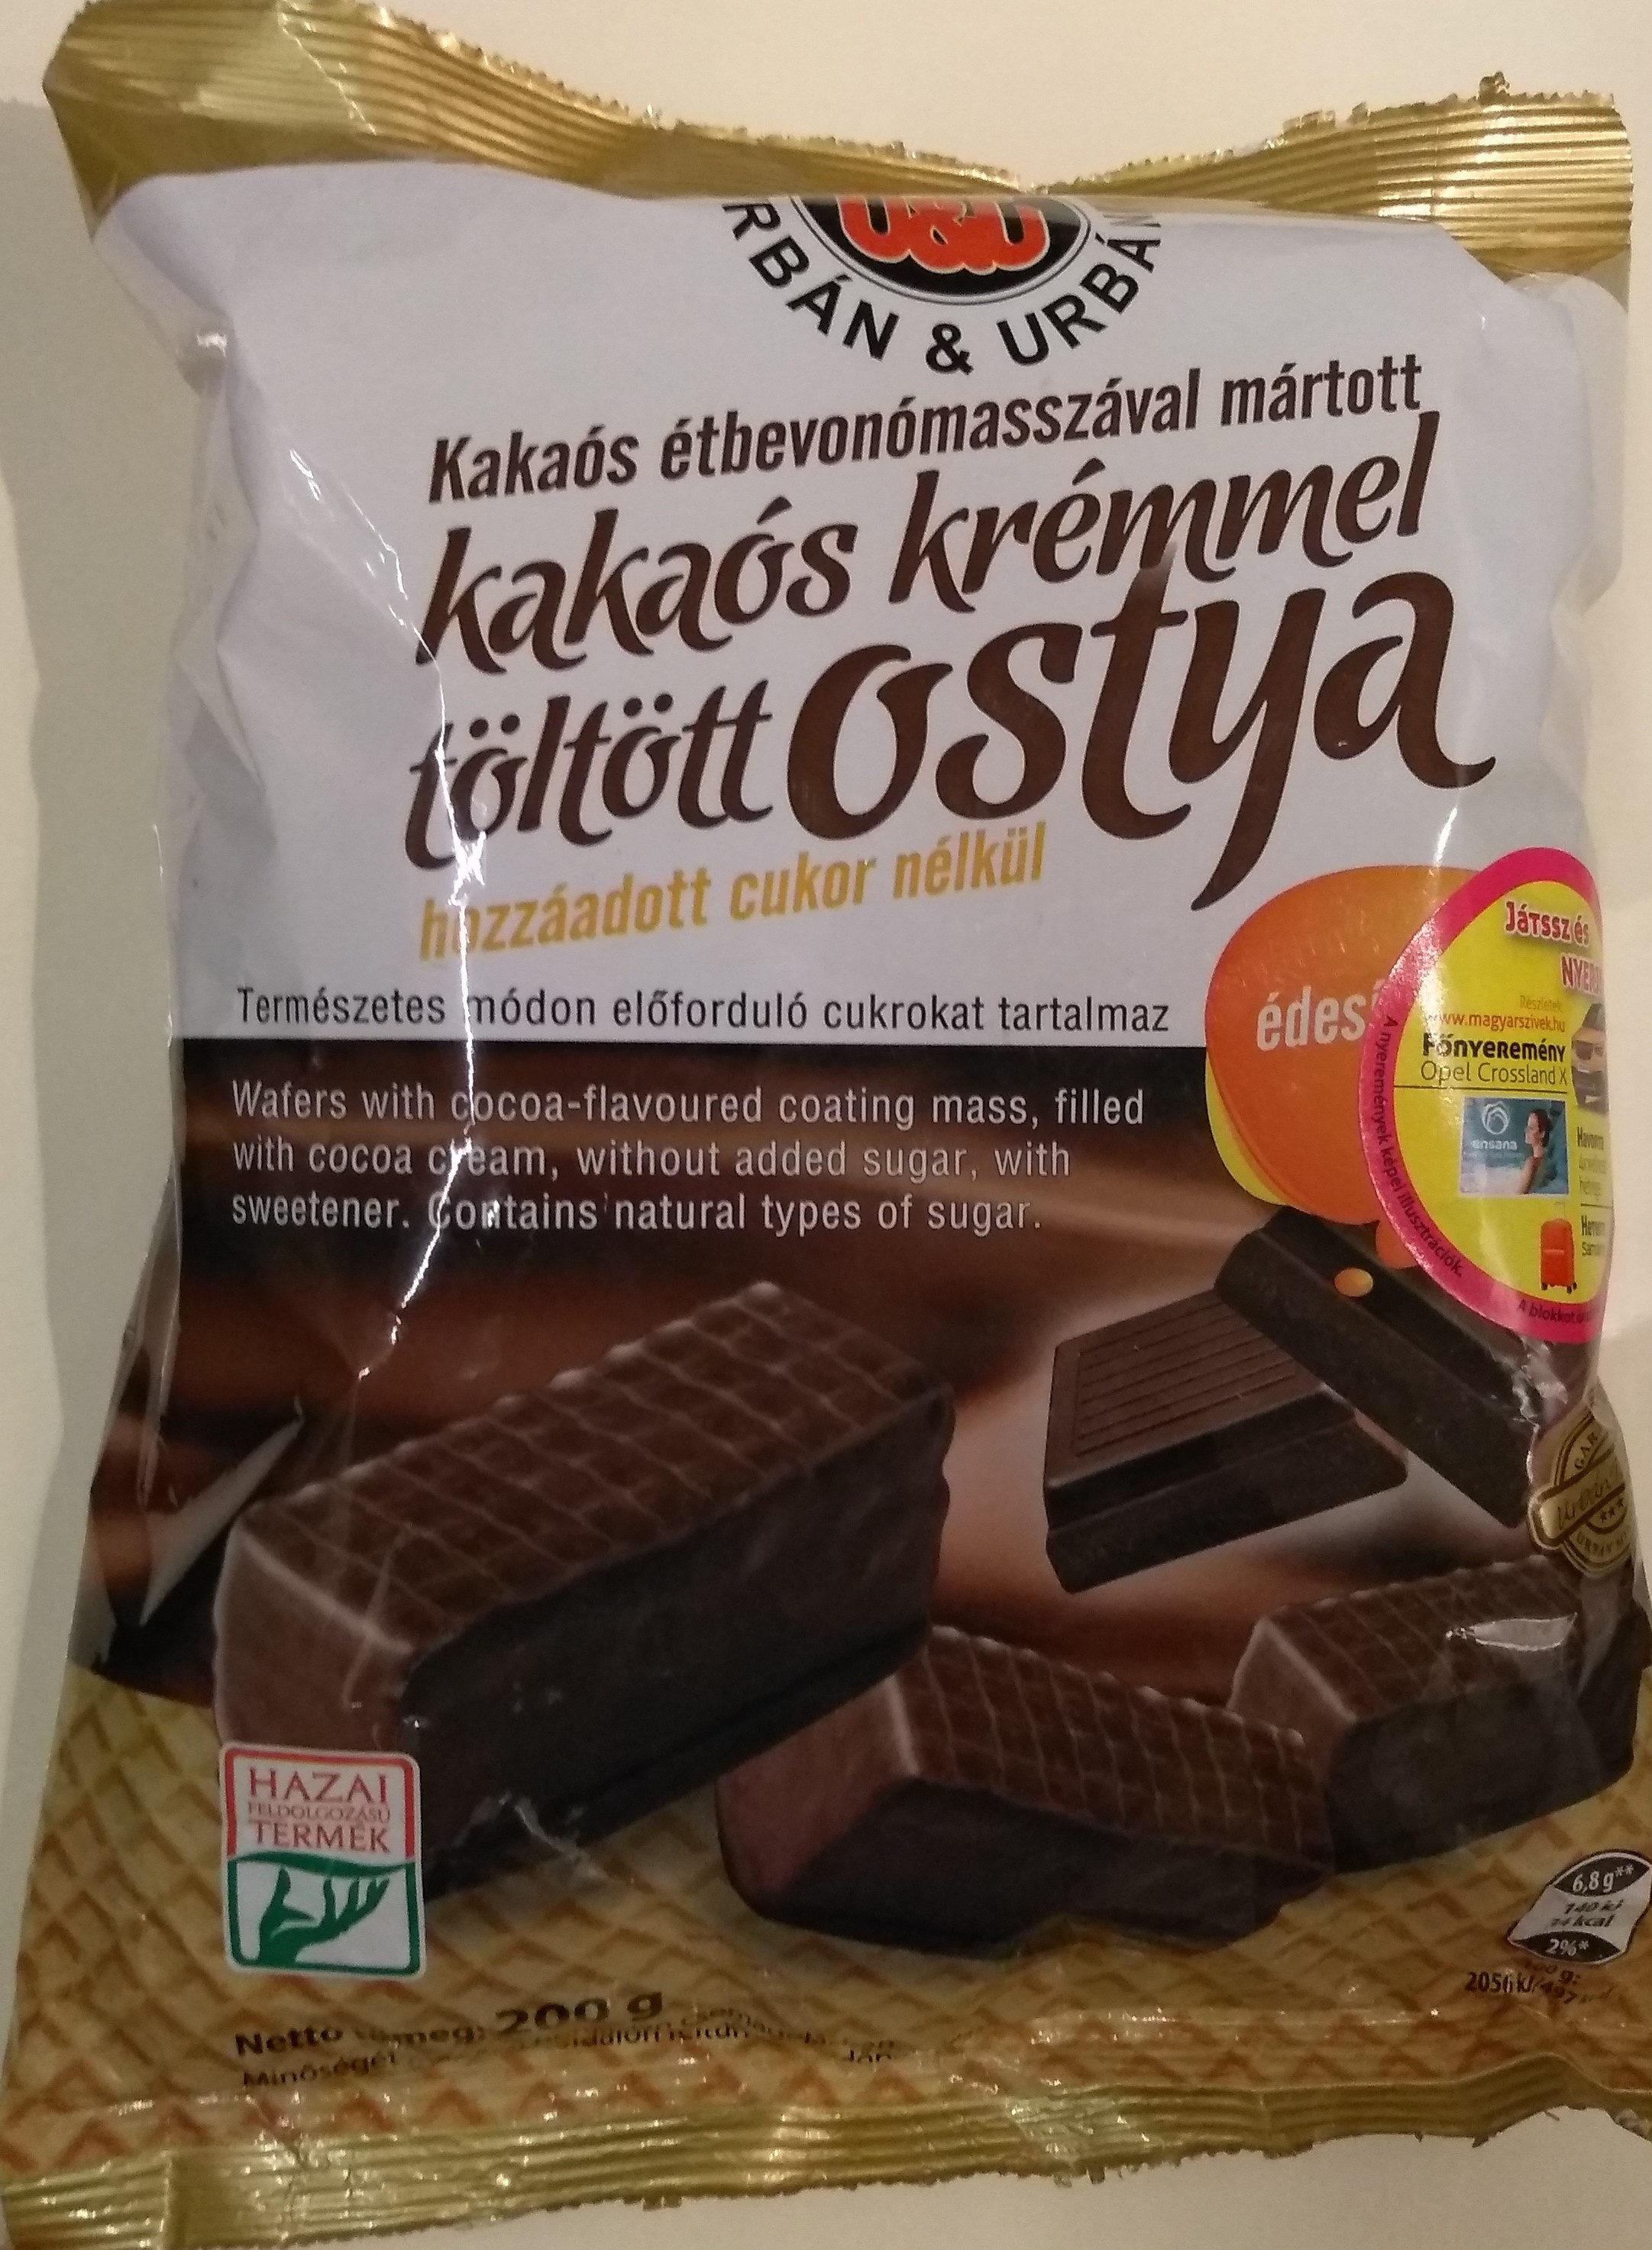 Kakaós  kérmmel töltött ostya - Produit - hu